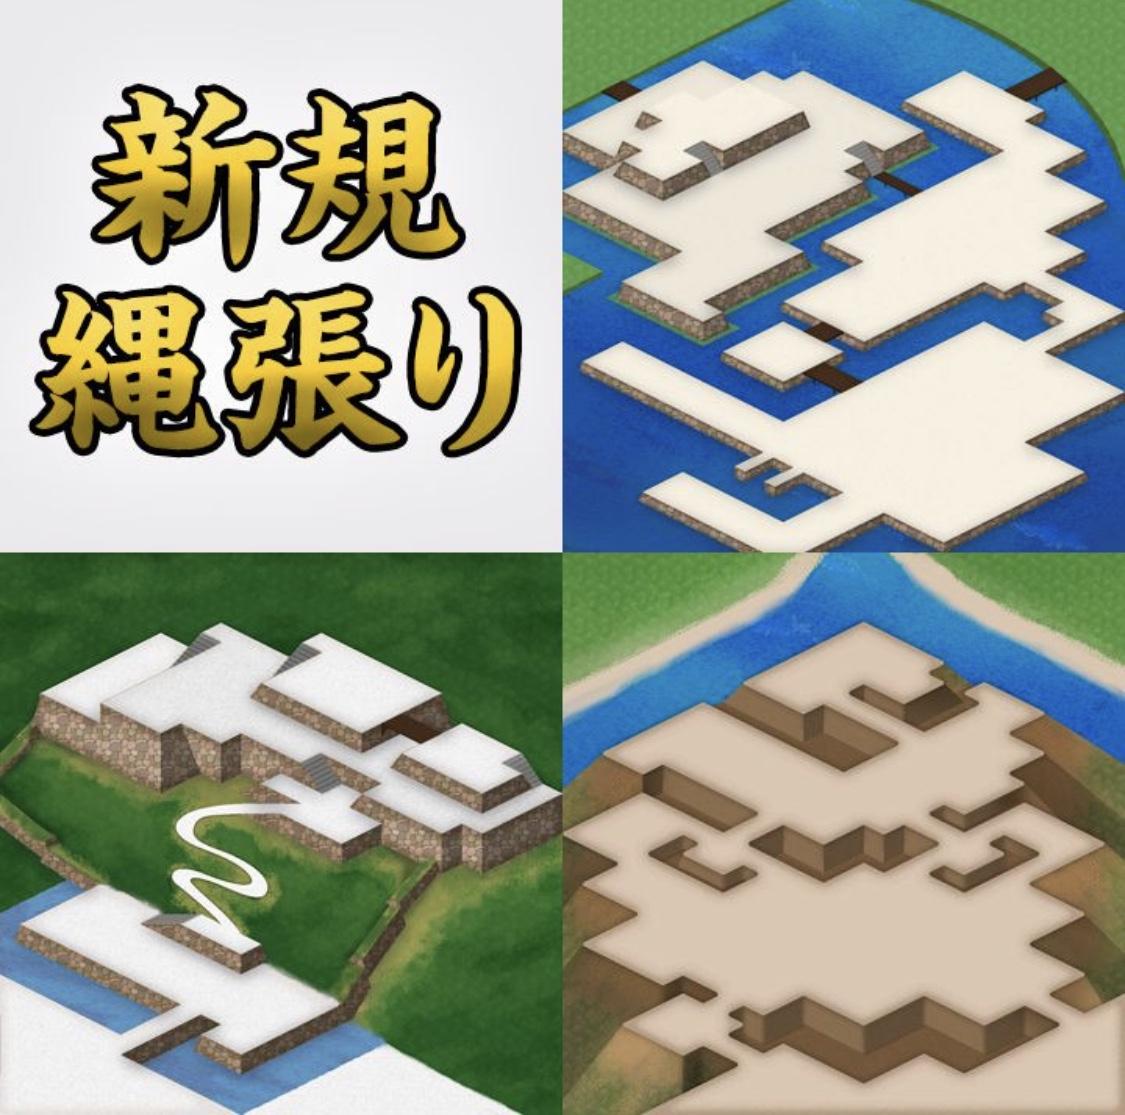 「ニッポン城めぐり」アプリにNew縄張り登場!